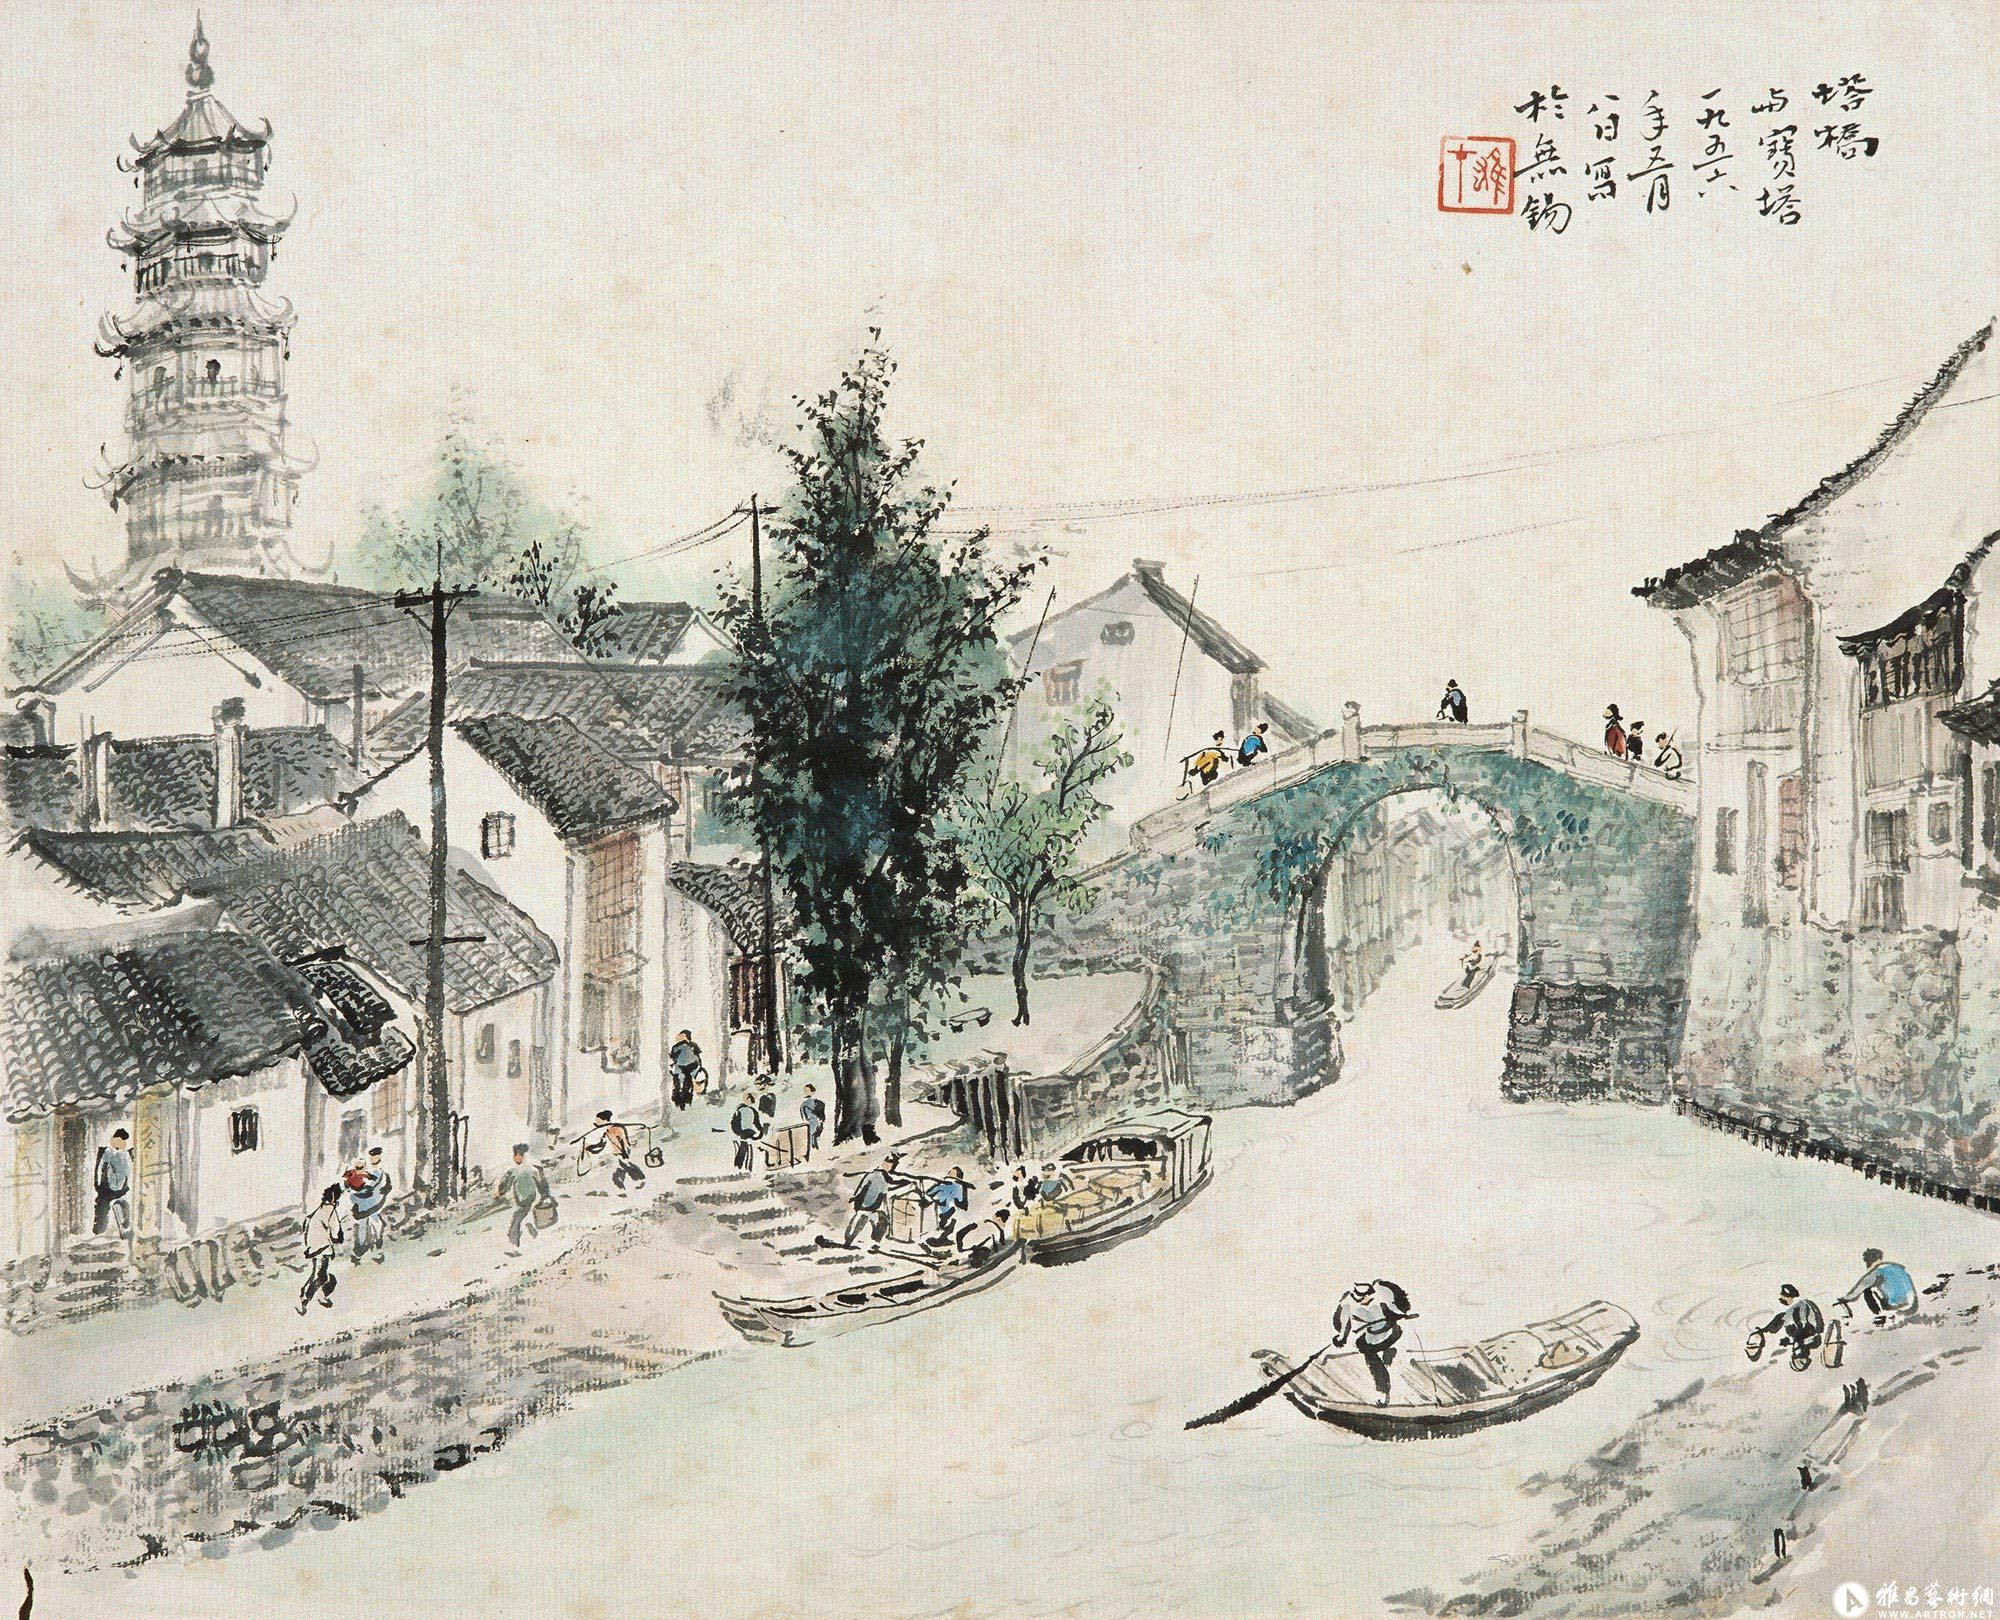 江山胜迹之六:塔桥与宝塔